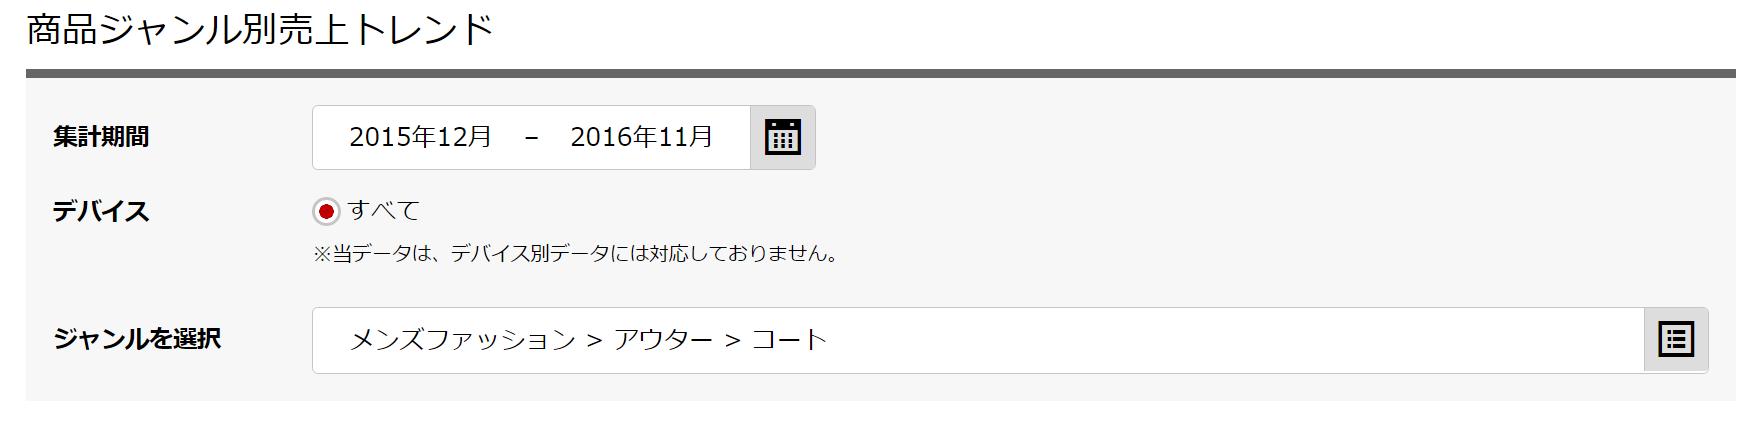 商品ジャンル別トレンド2